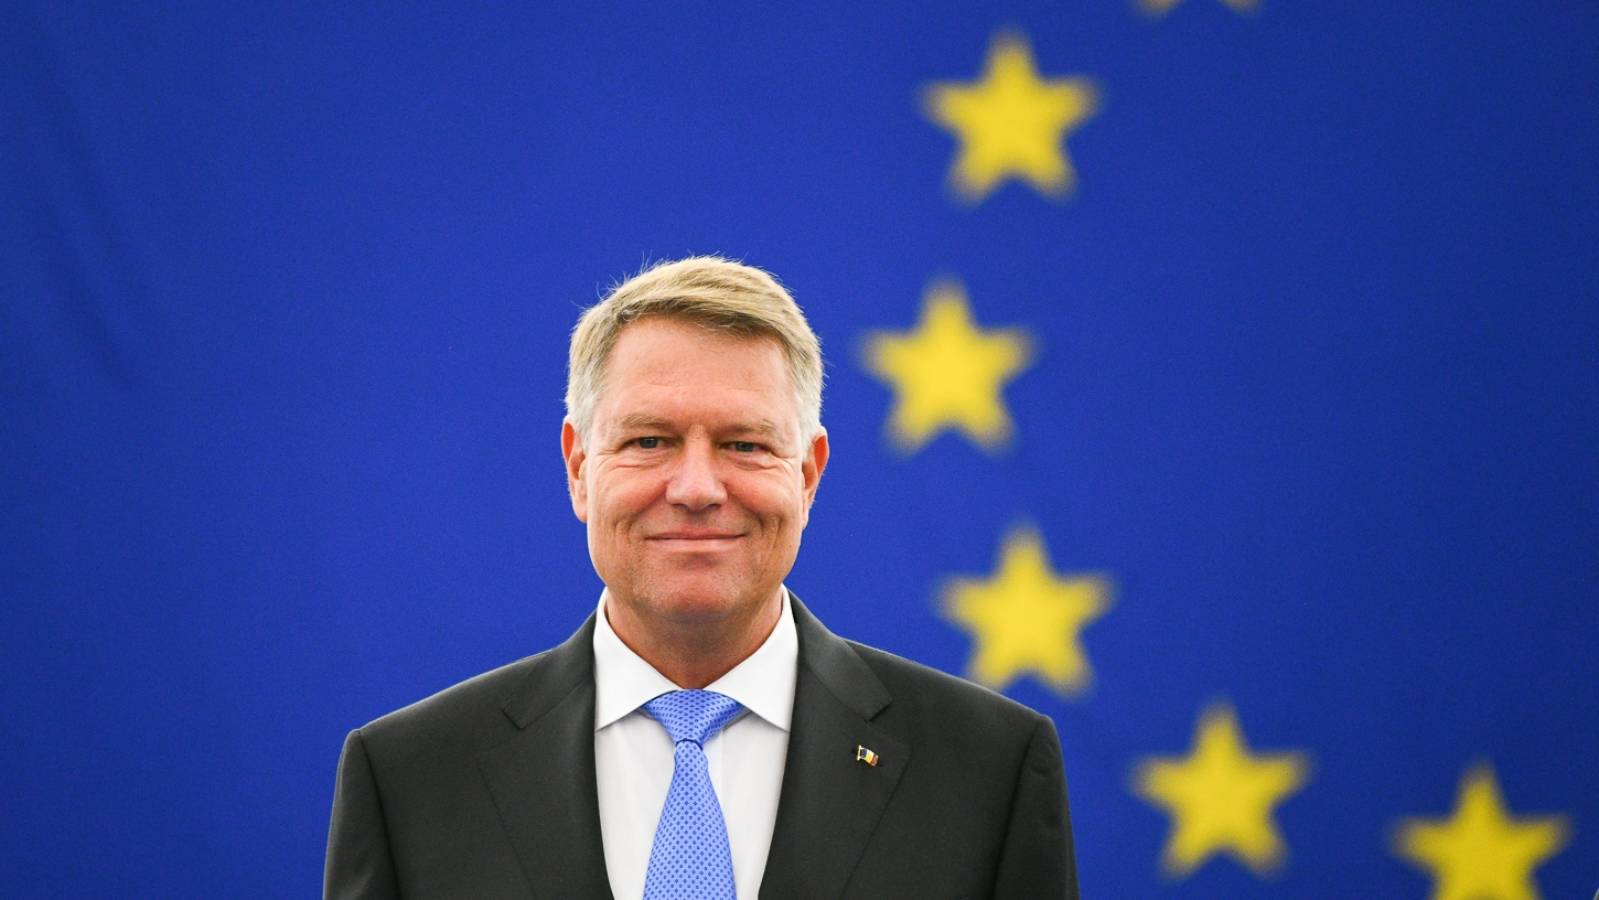 Észtországba látogat Klaus Johannis, de vajon mi lehet ennek a hátterében?